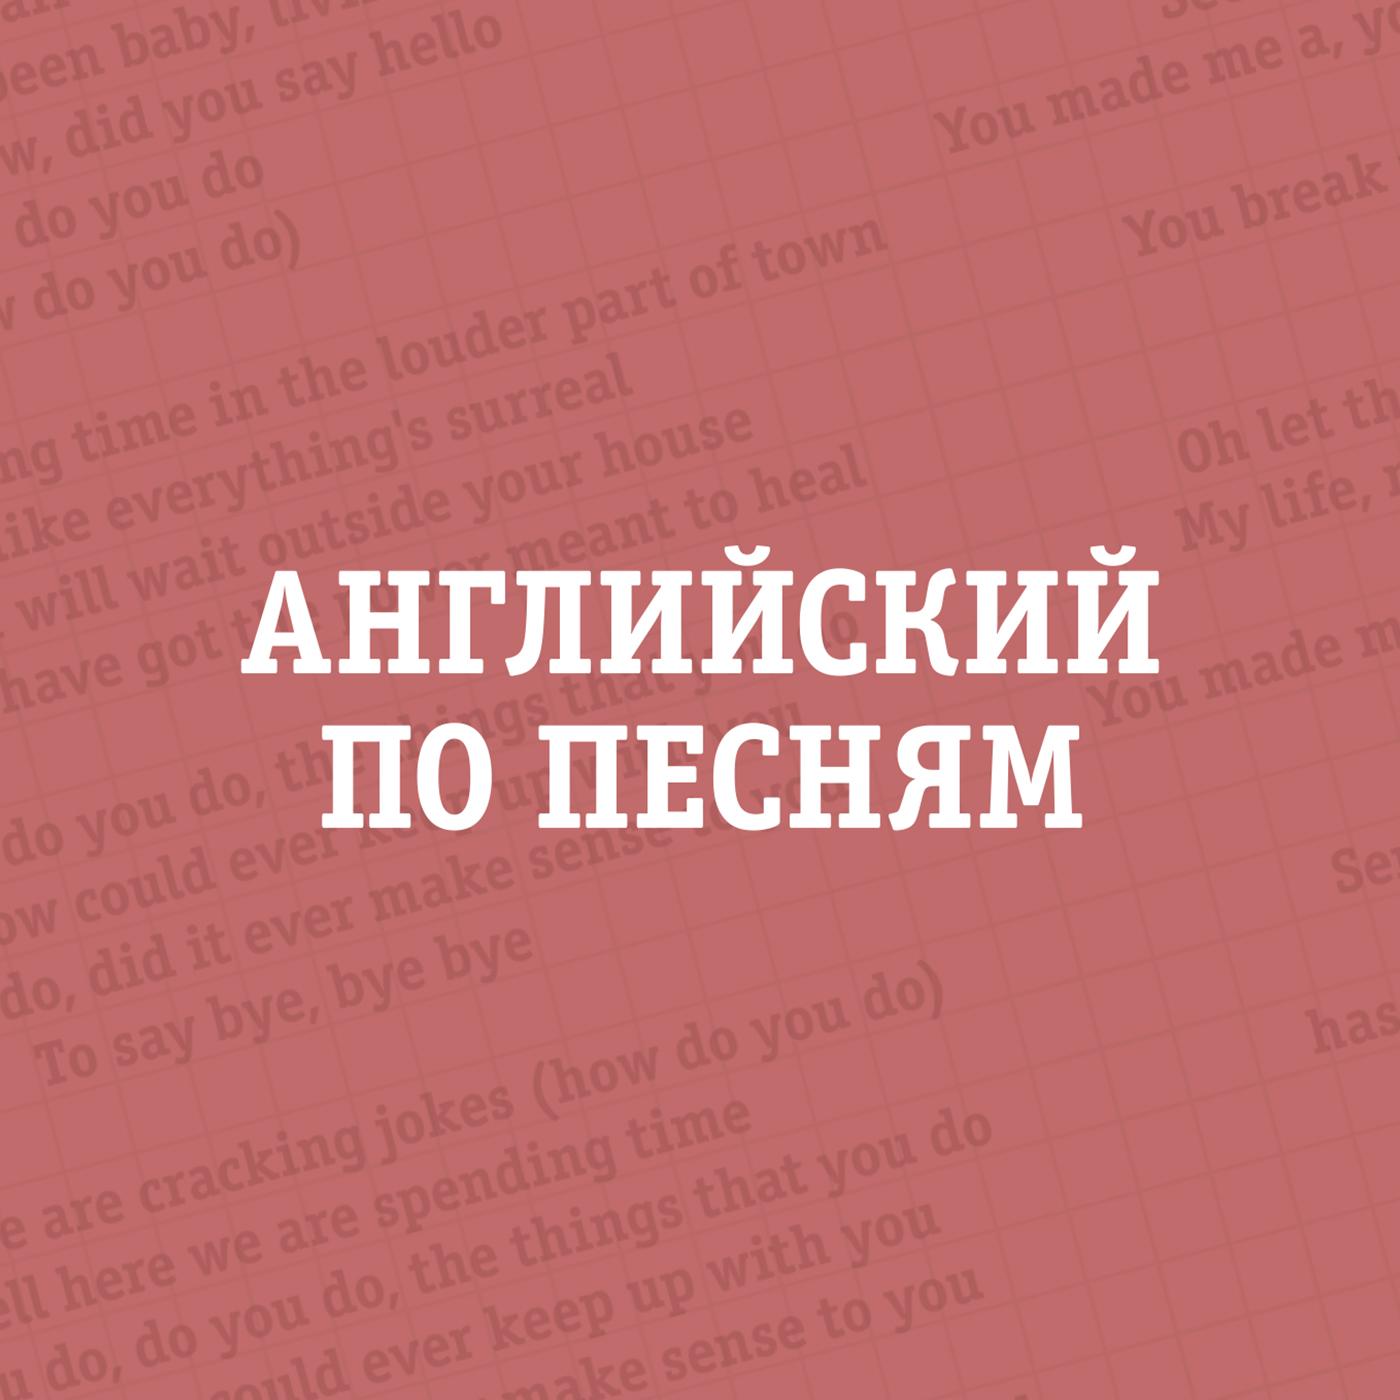 Английский по песням – О чем поет Билли Айлиш?